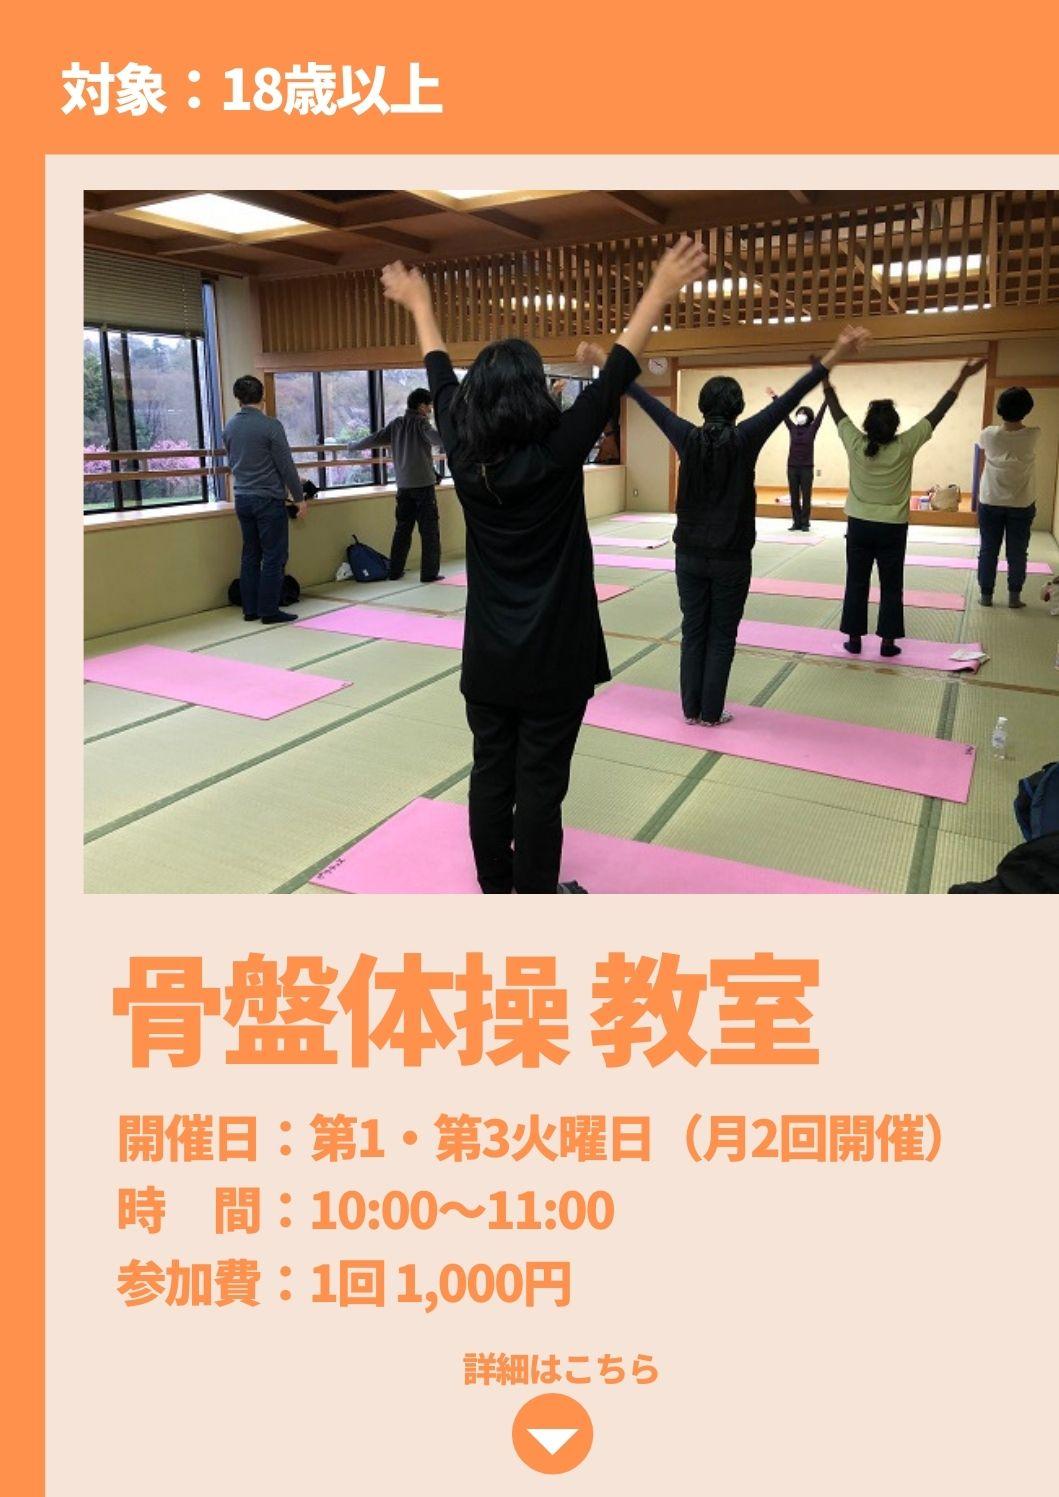 骨盤体操教室の写真